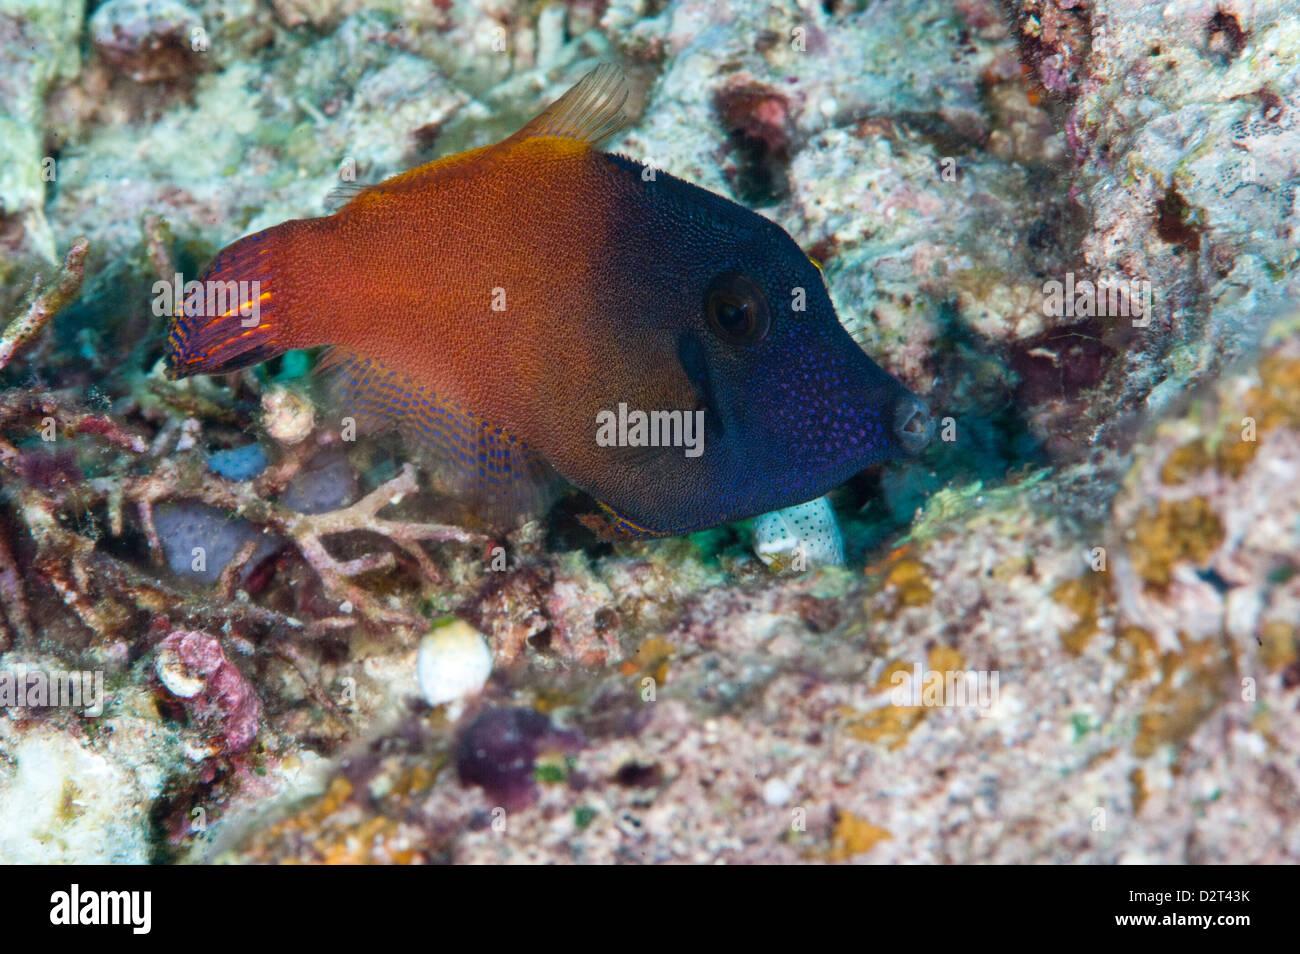 Orange Tail Feilenfisch (Pervagor Aspriaudus), Komodo, Indonesien, Südostasien, Asien Stockbild